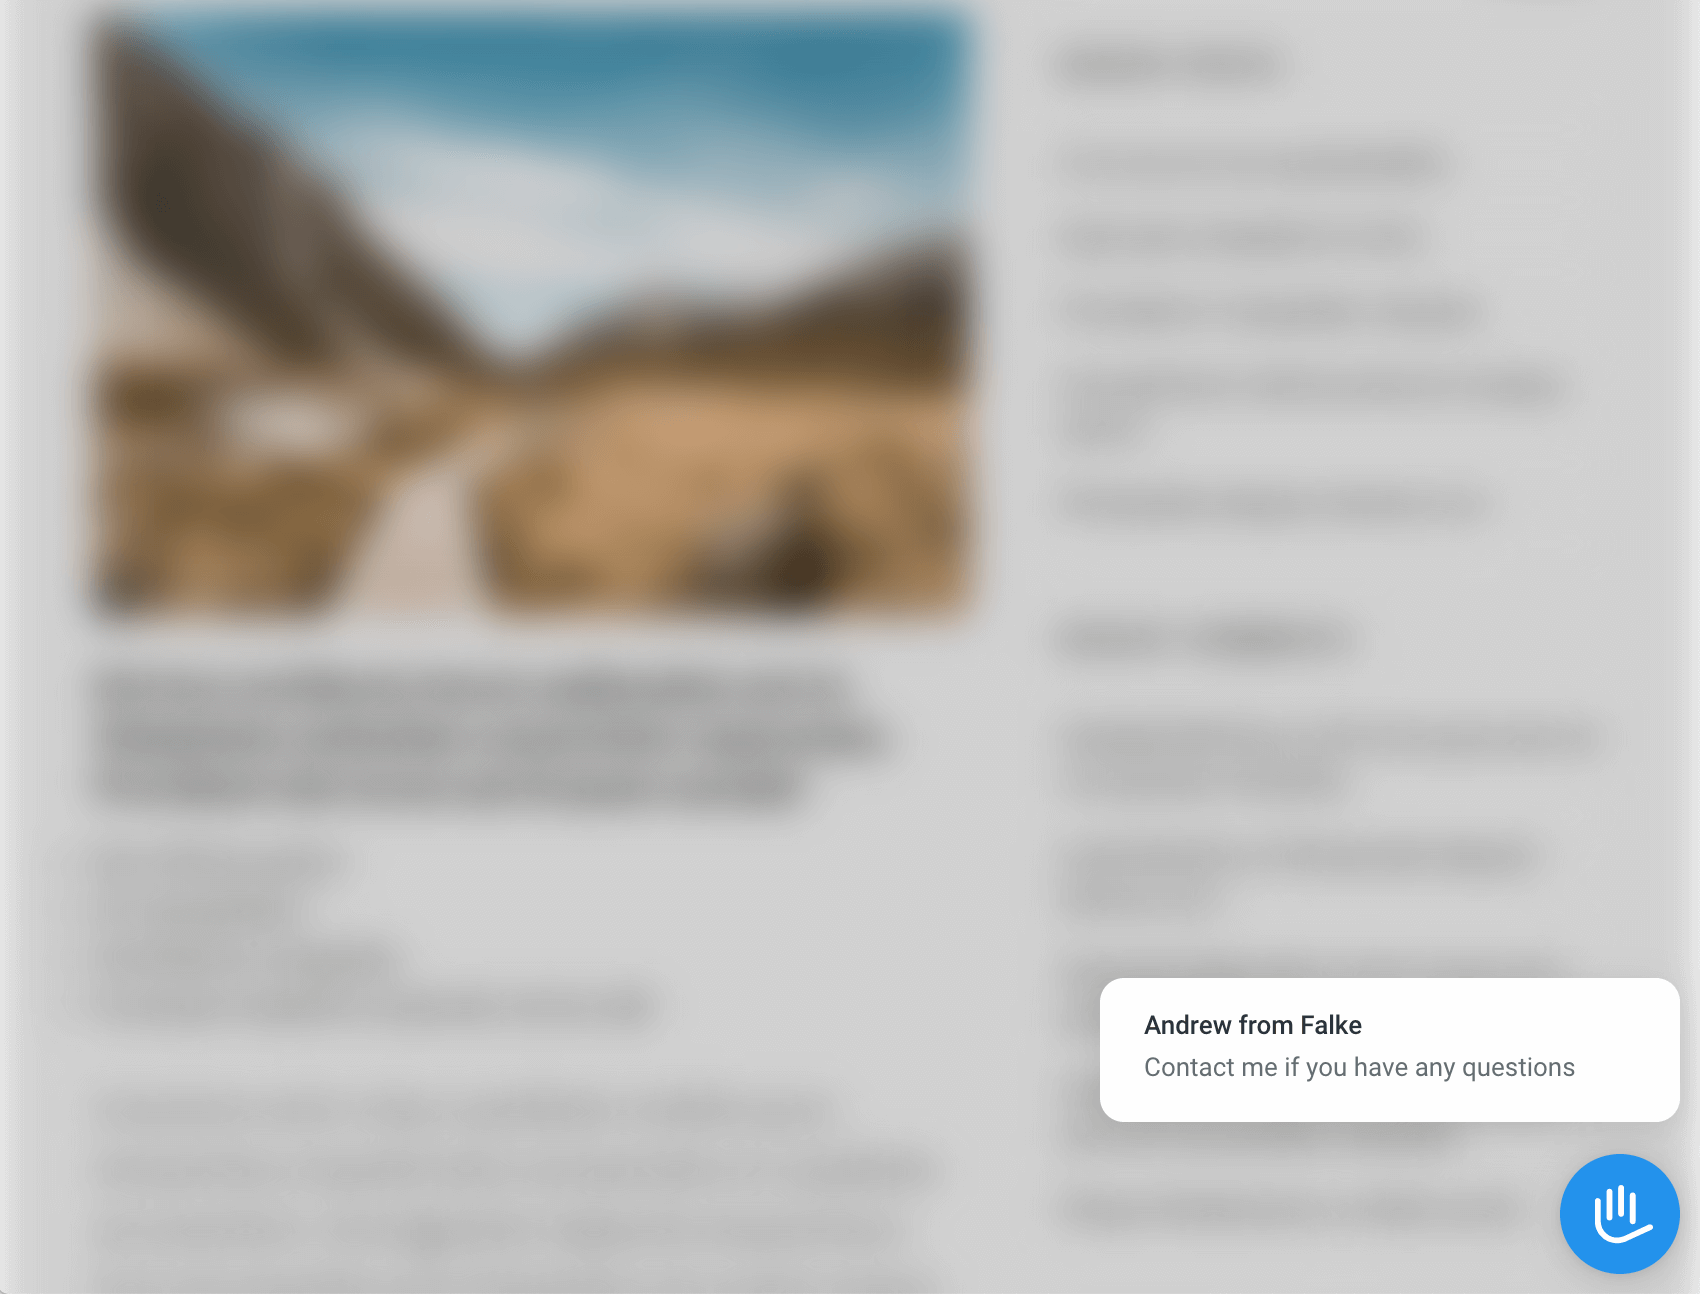 Widget window - minimized